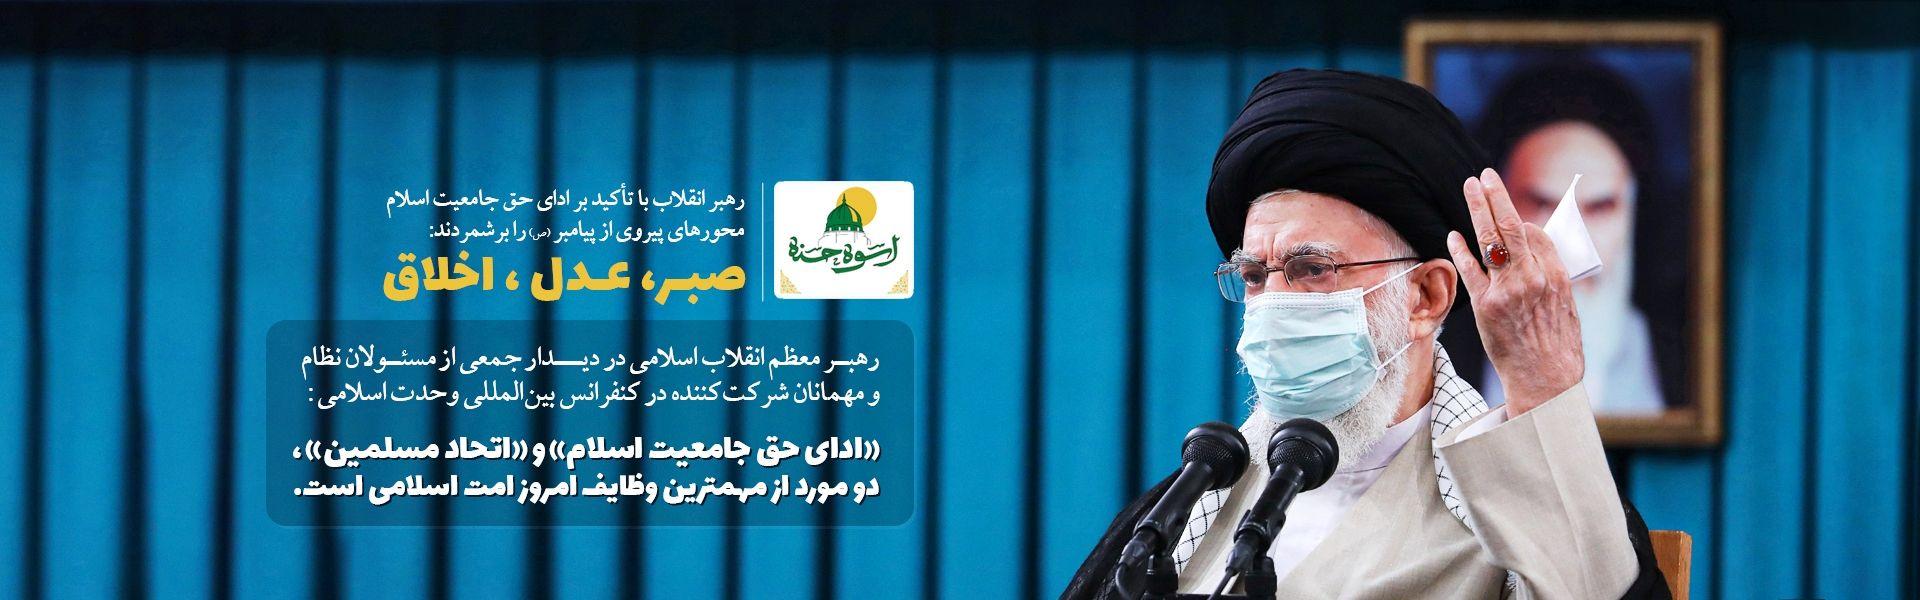 کنفرانس وحدت اسلامی و دیدار جمعی از مسئولان نظام با رهبر انقلاب